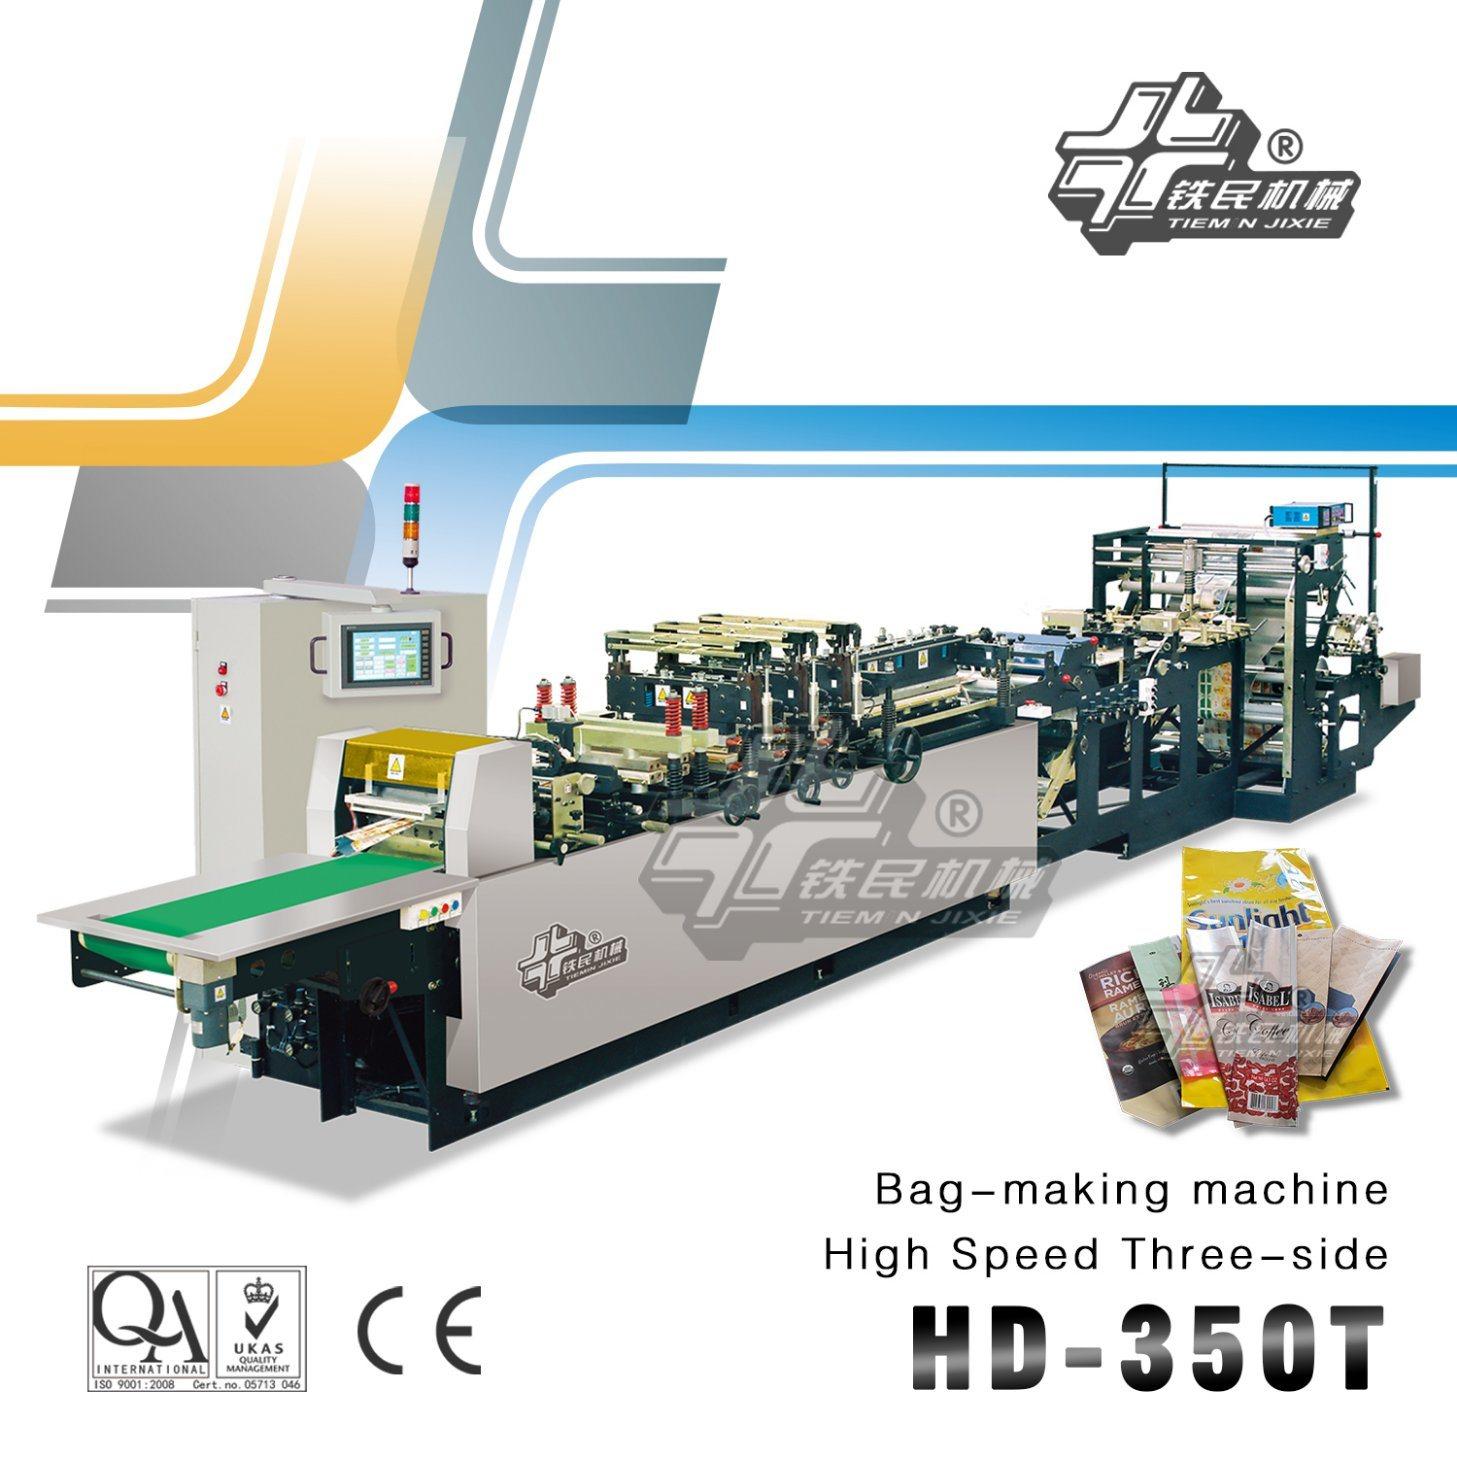 High Speed Bag-Seal Bag-Making Machinehd-350bt